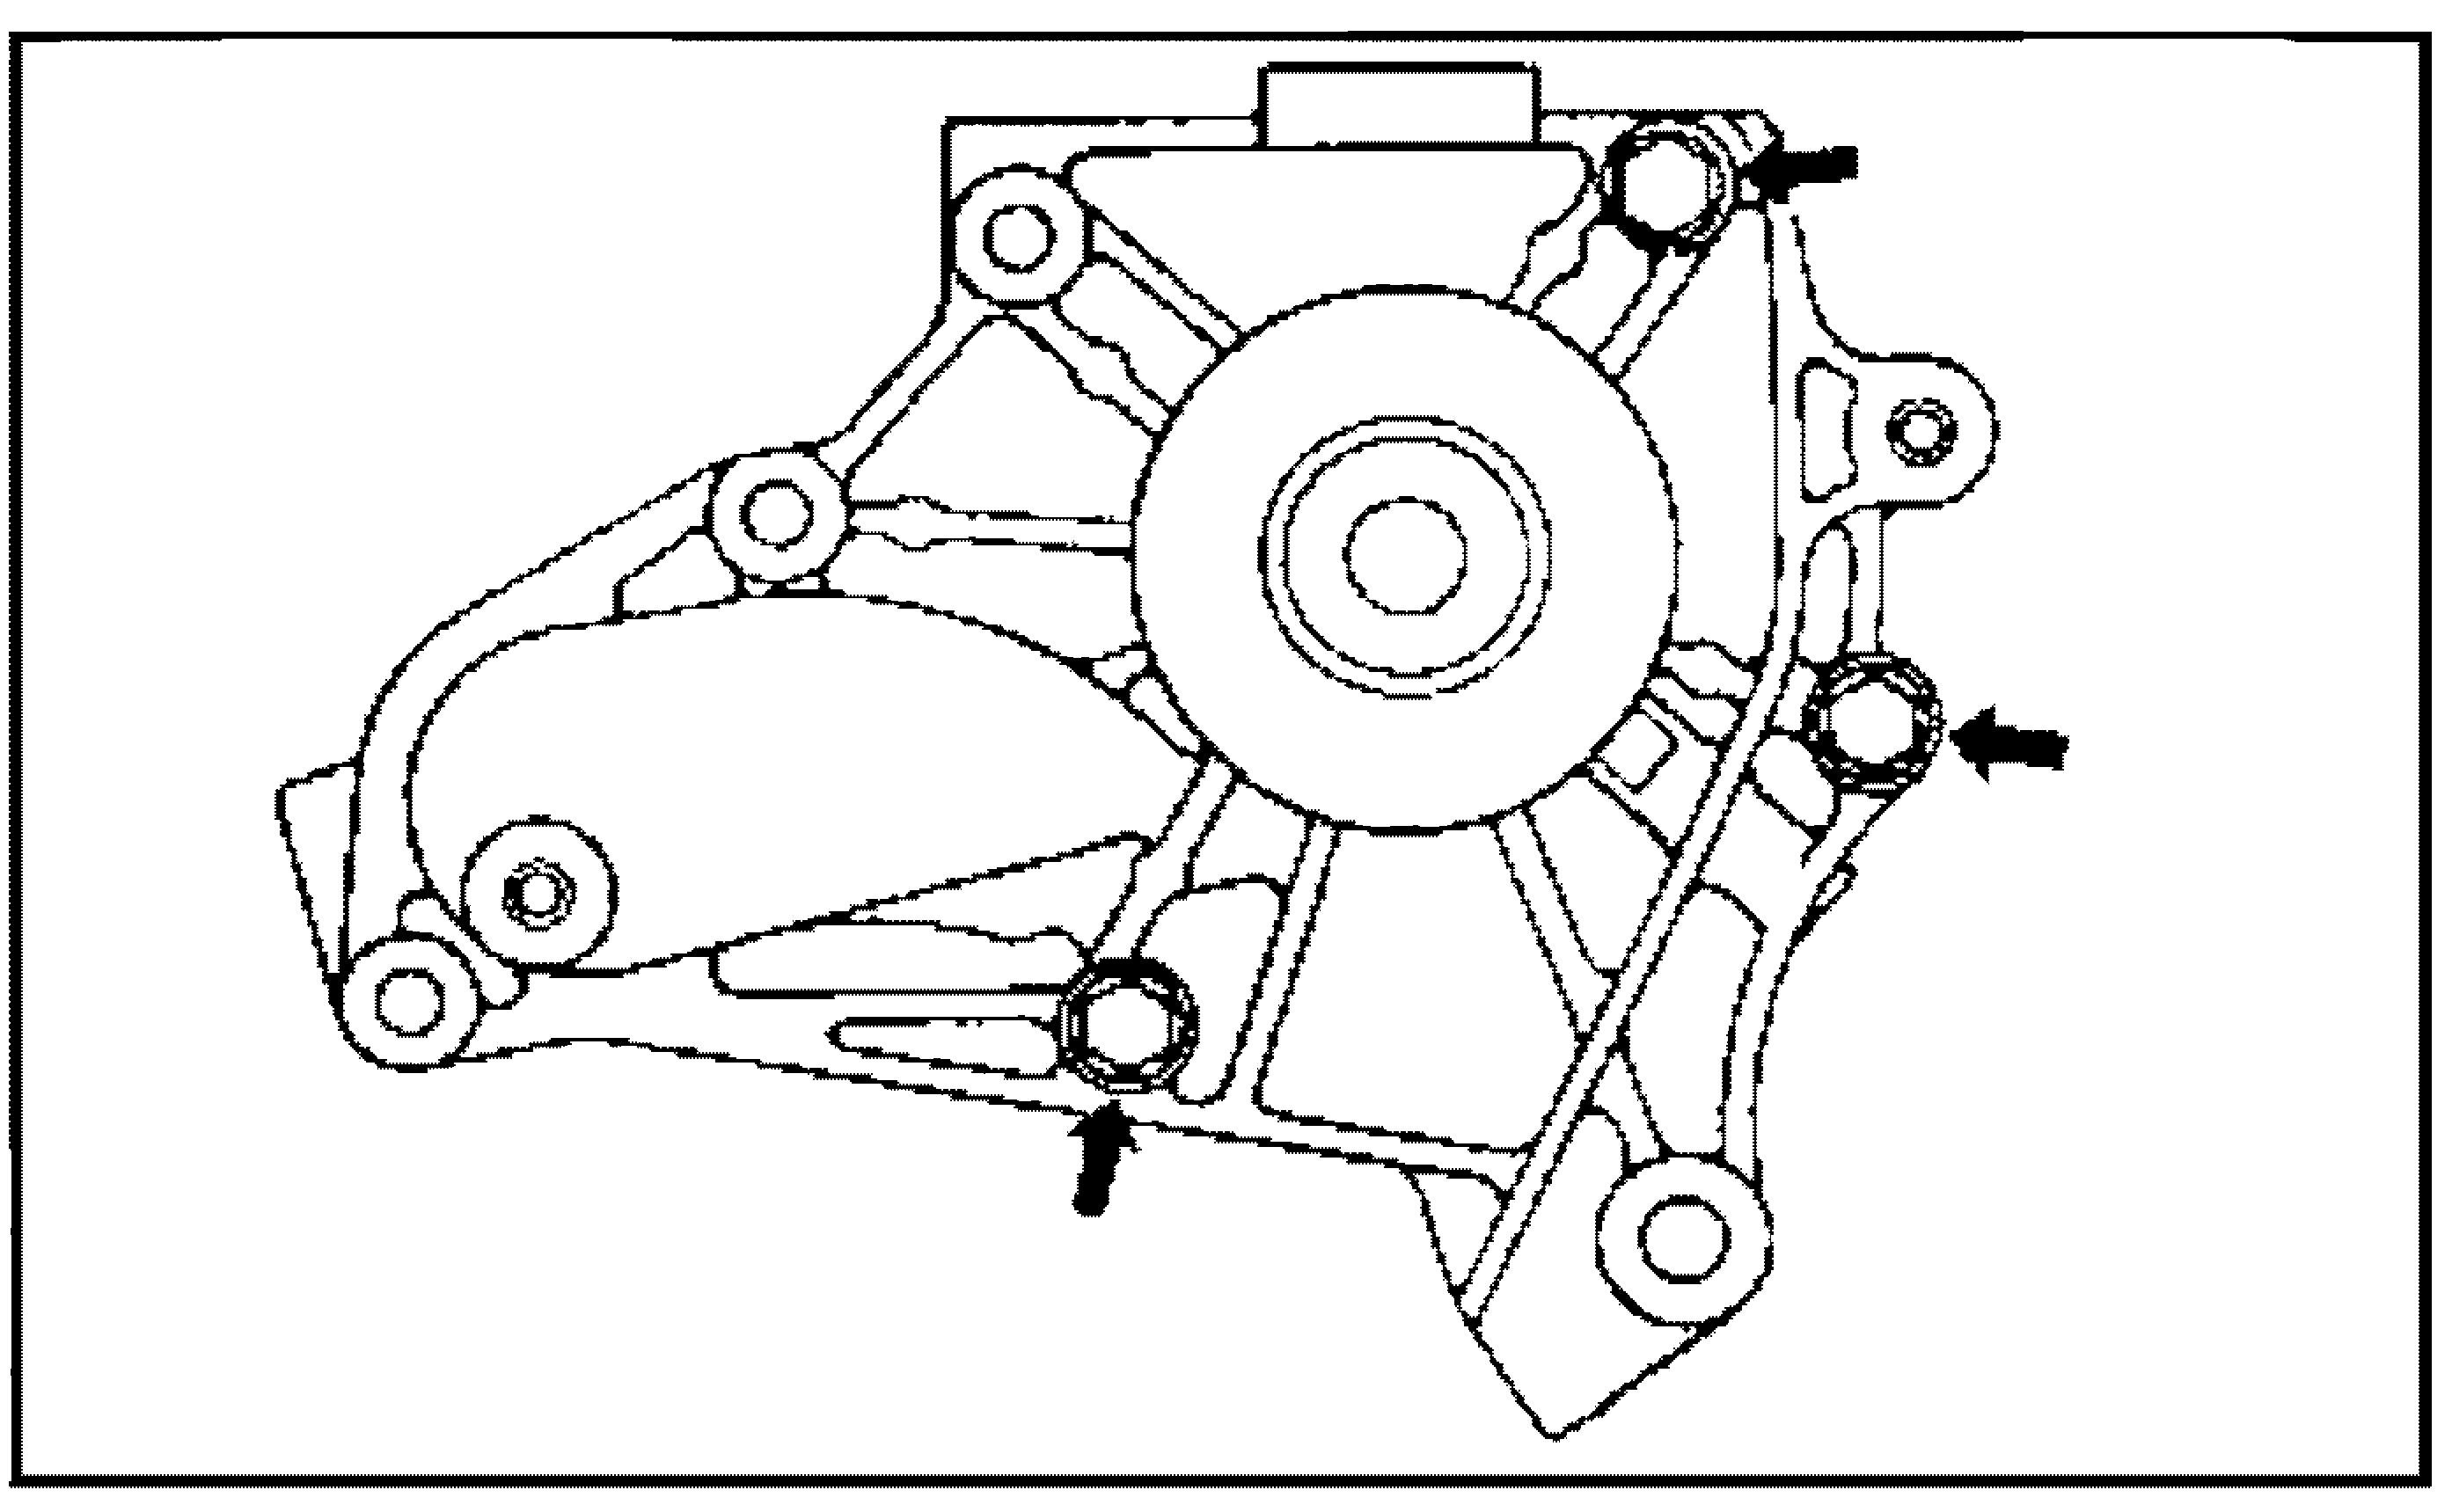 Болты крышки помпы 4S-FE